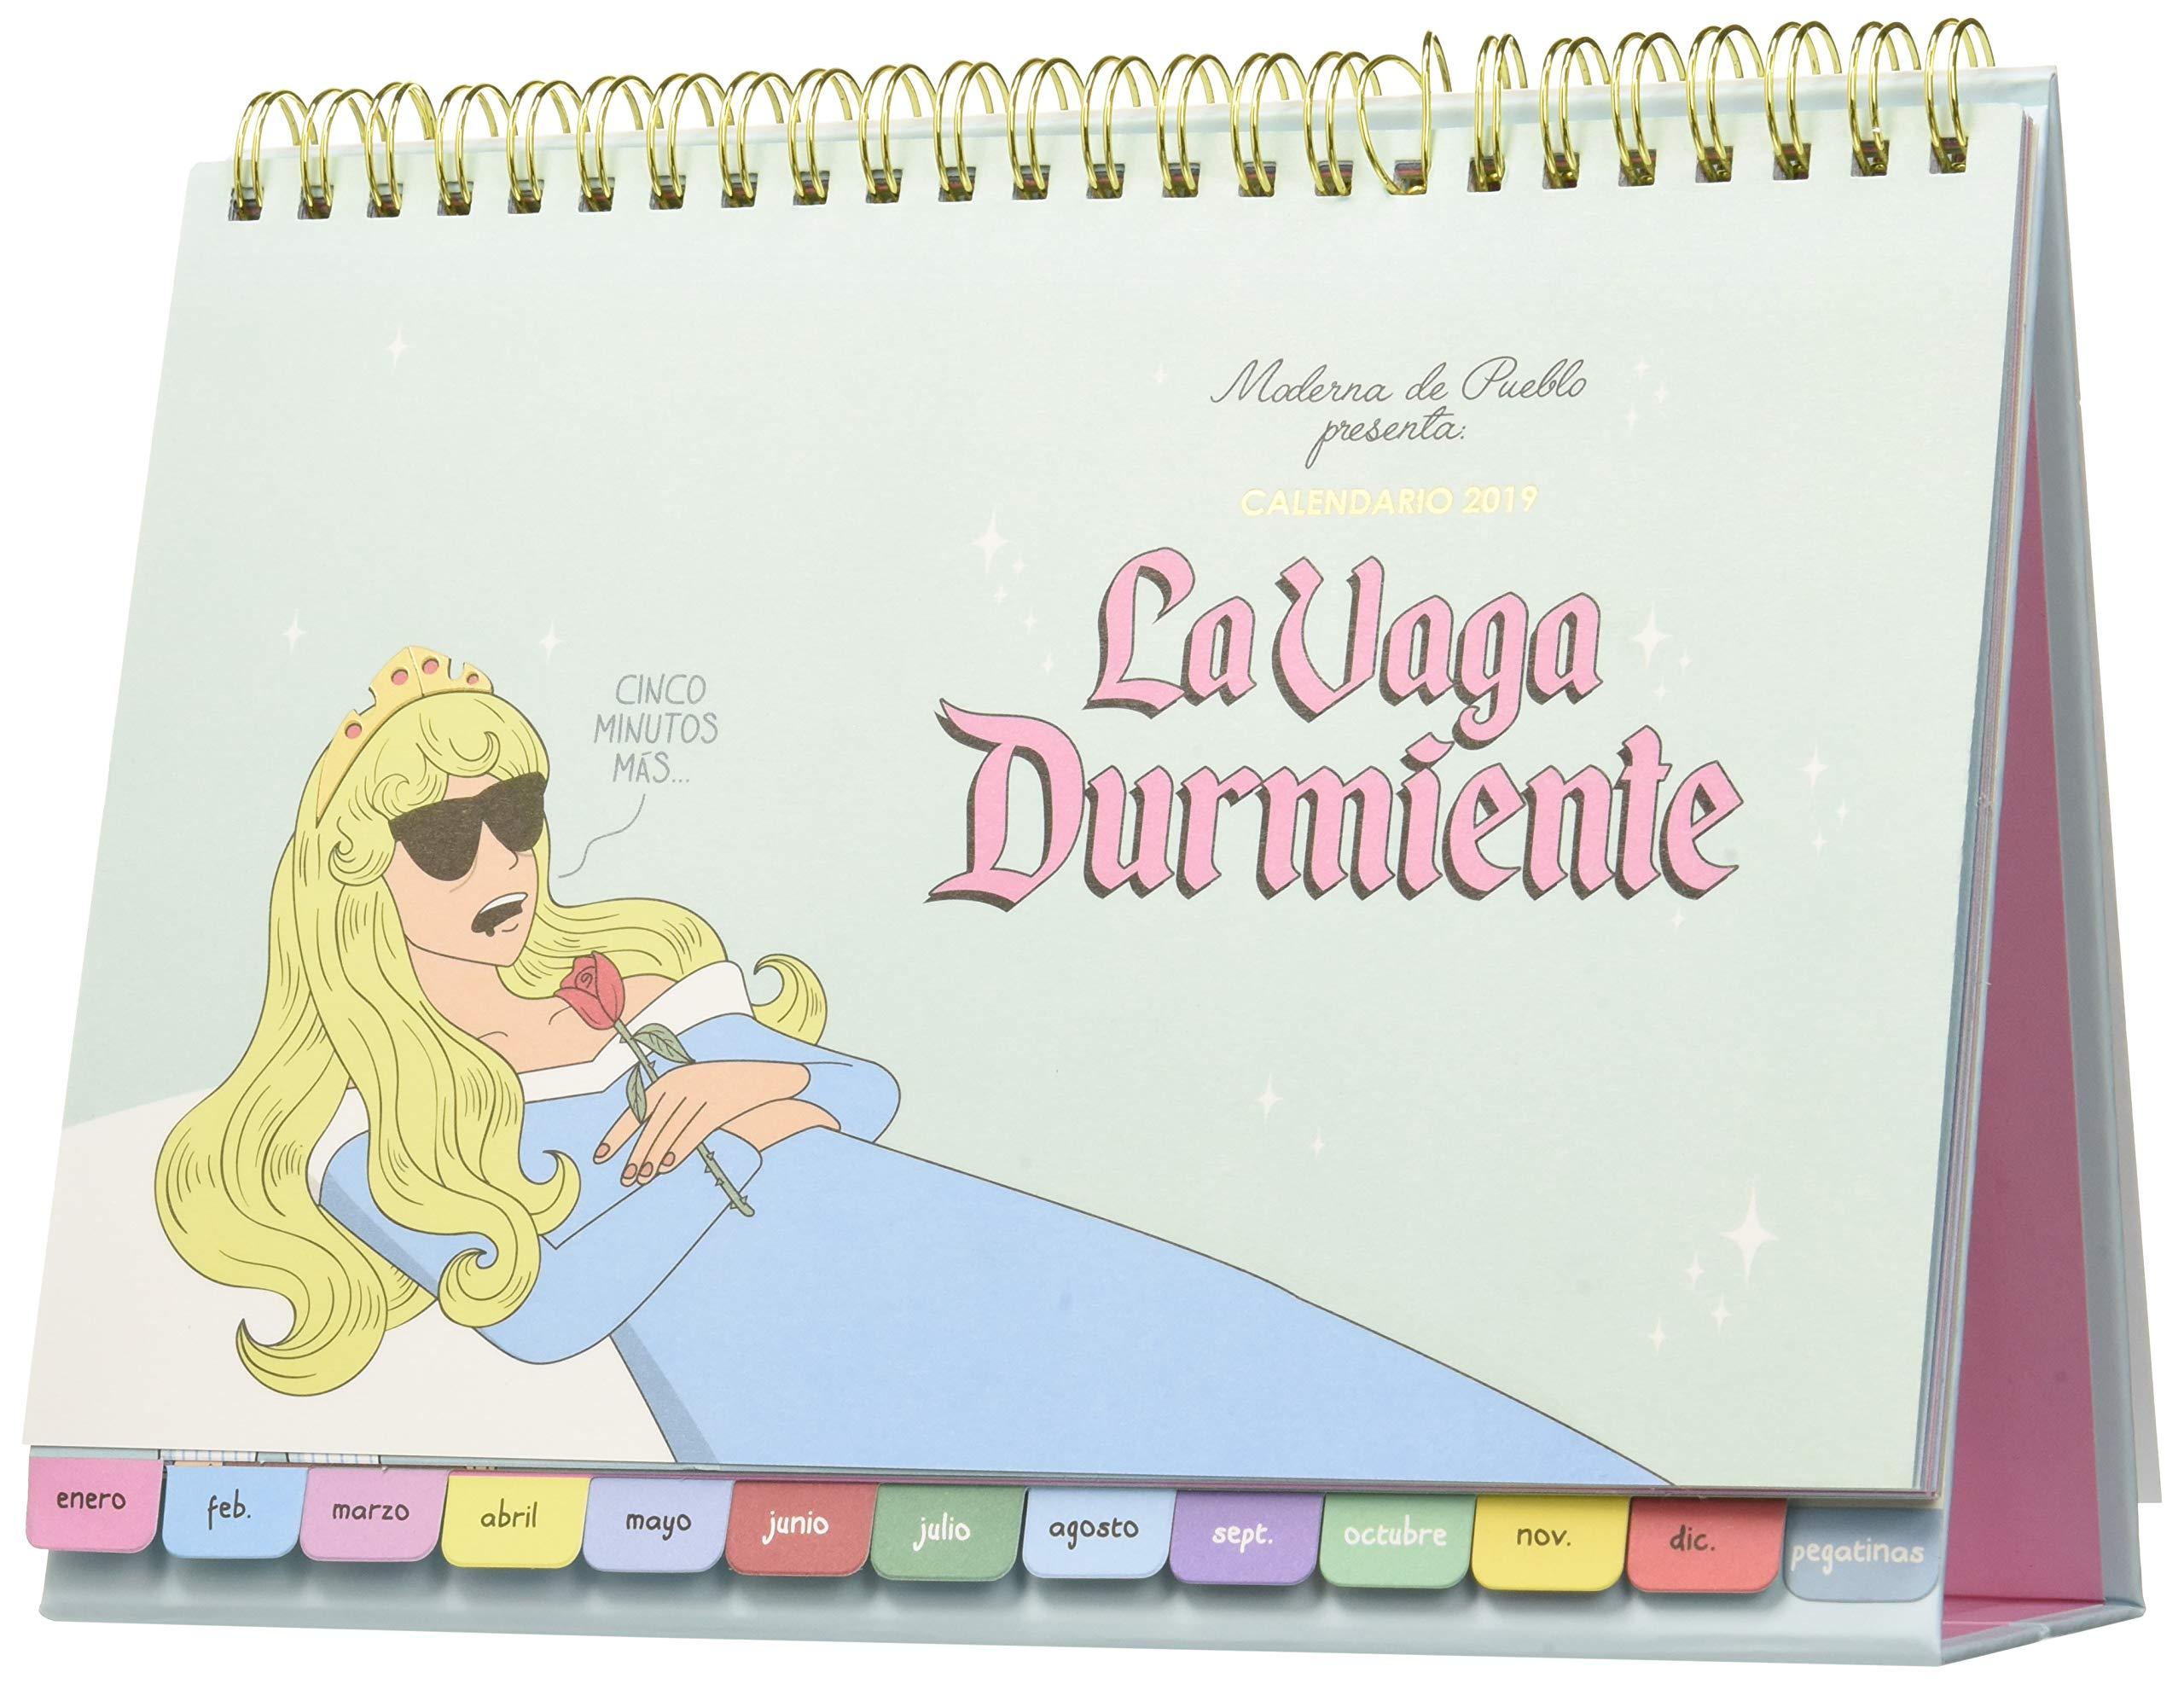 Calendario mesa Moderna de Pueblo 2019. La vaga durmiente ...